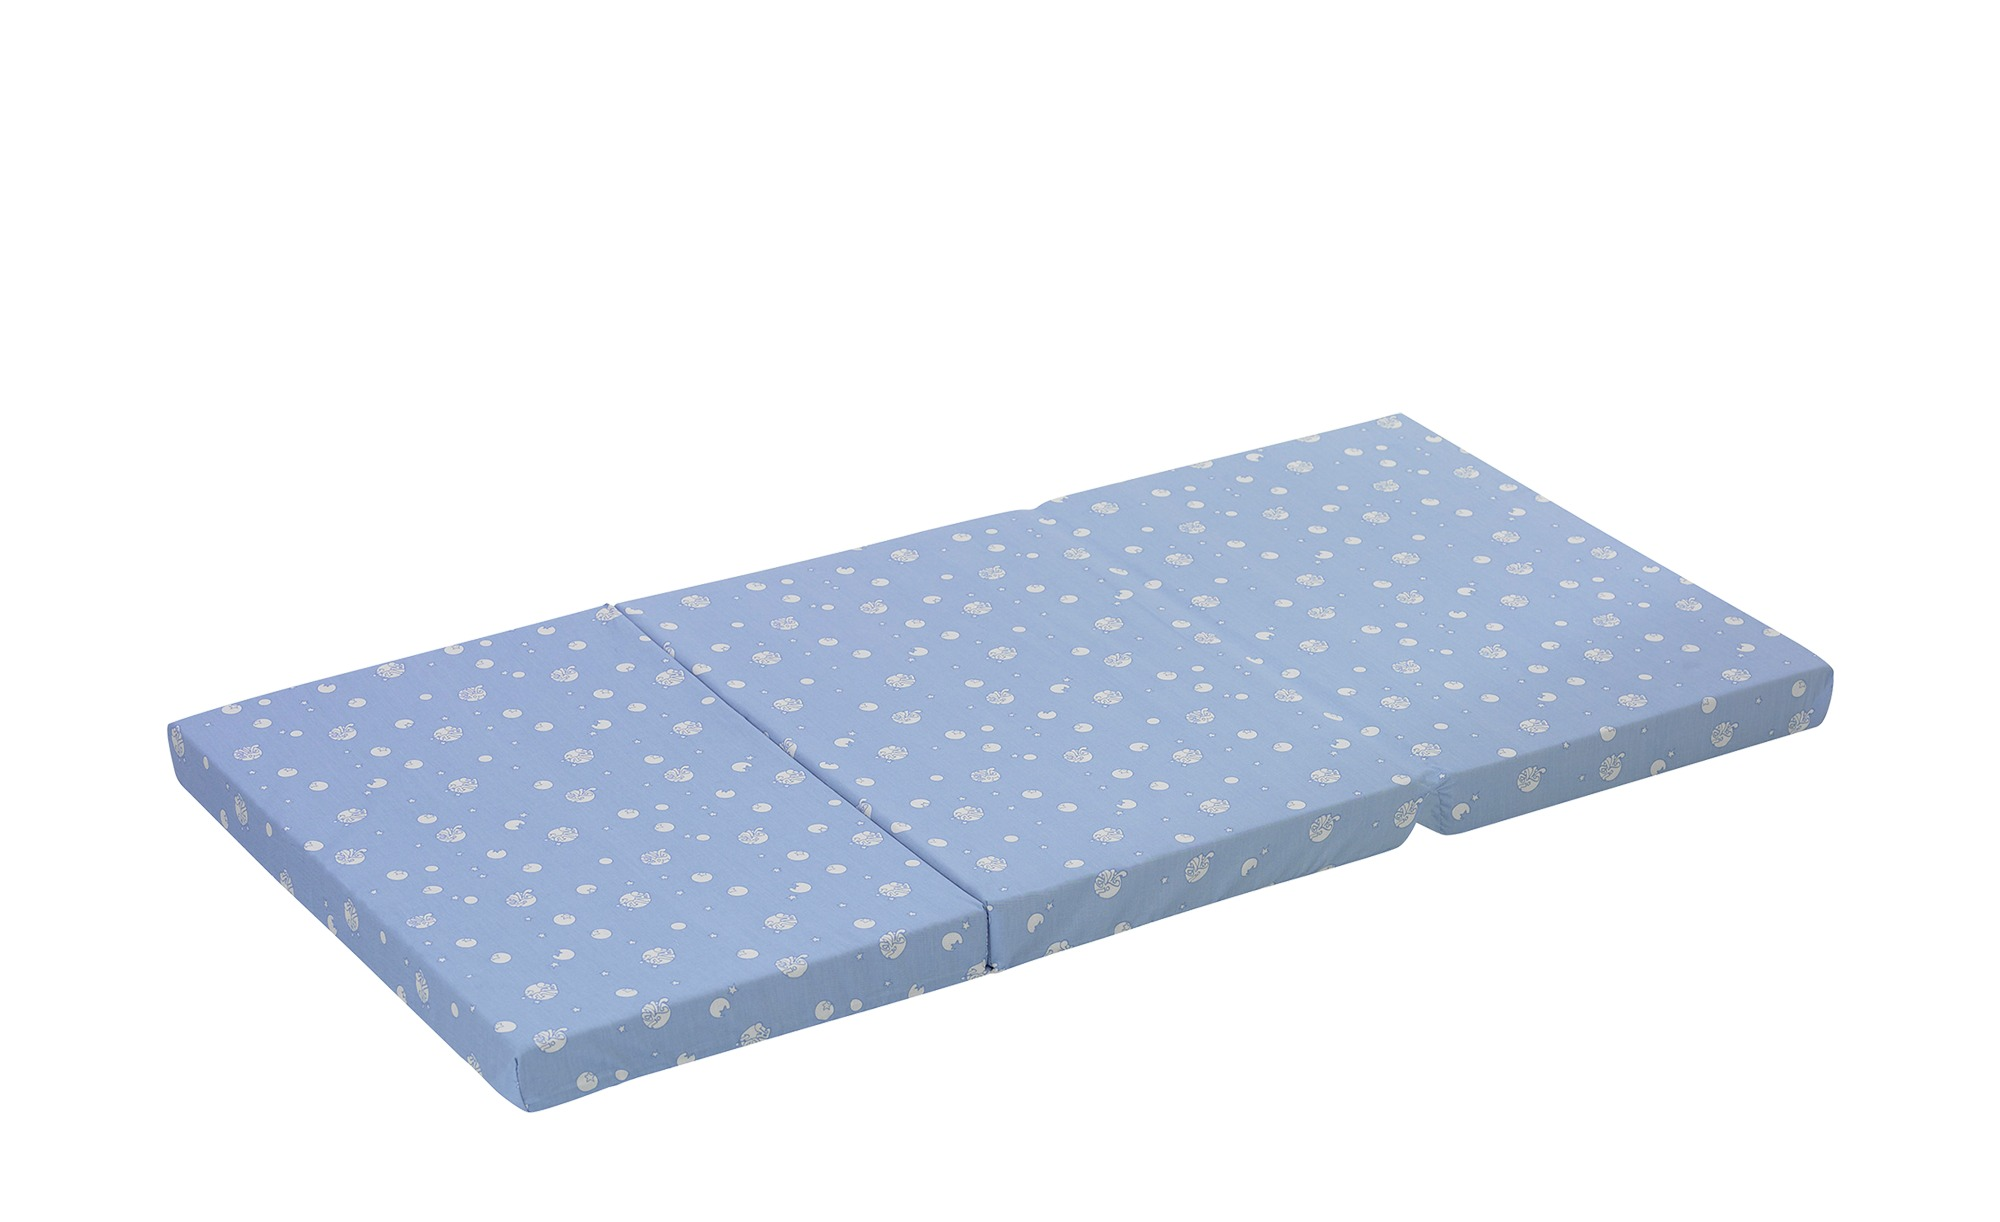 Alvi Reisebettmatratze   Standard - blau - Bezug: 100% Baumwolle, Tragetasche: 100% Polyester , Kern: Schaumstoff - 60 cm - Baby > Babymöbel > Babymatratzen - Möbel Kraft | Kinderzimmer | Alvi